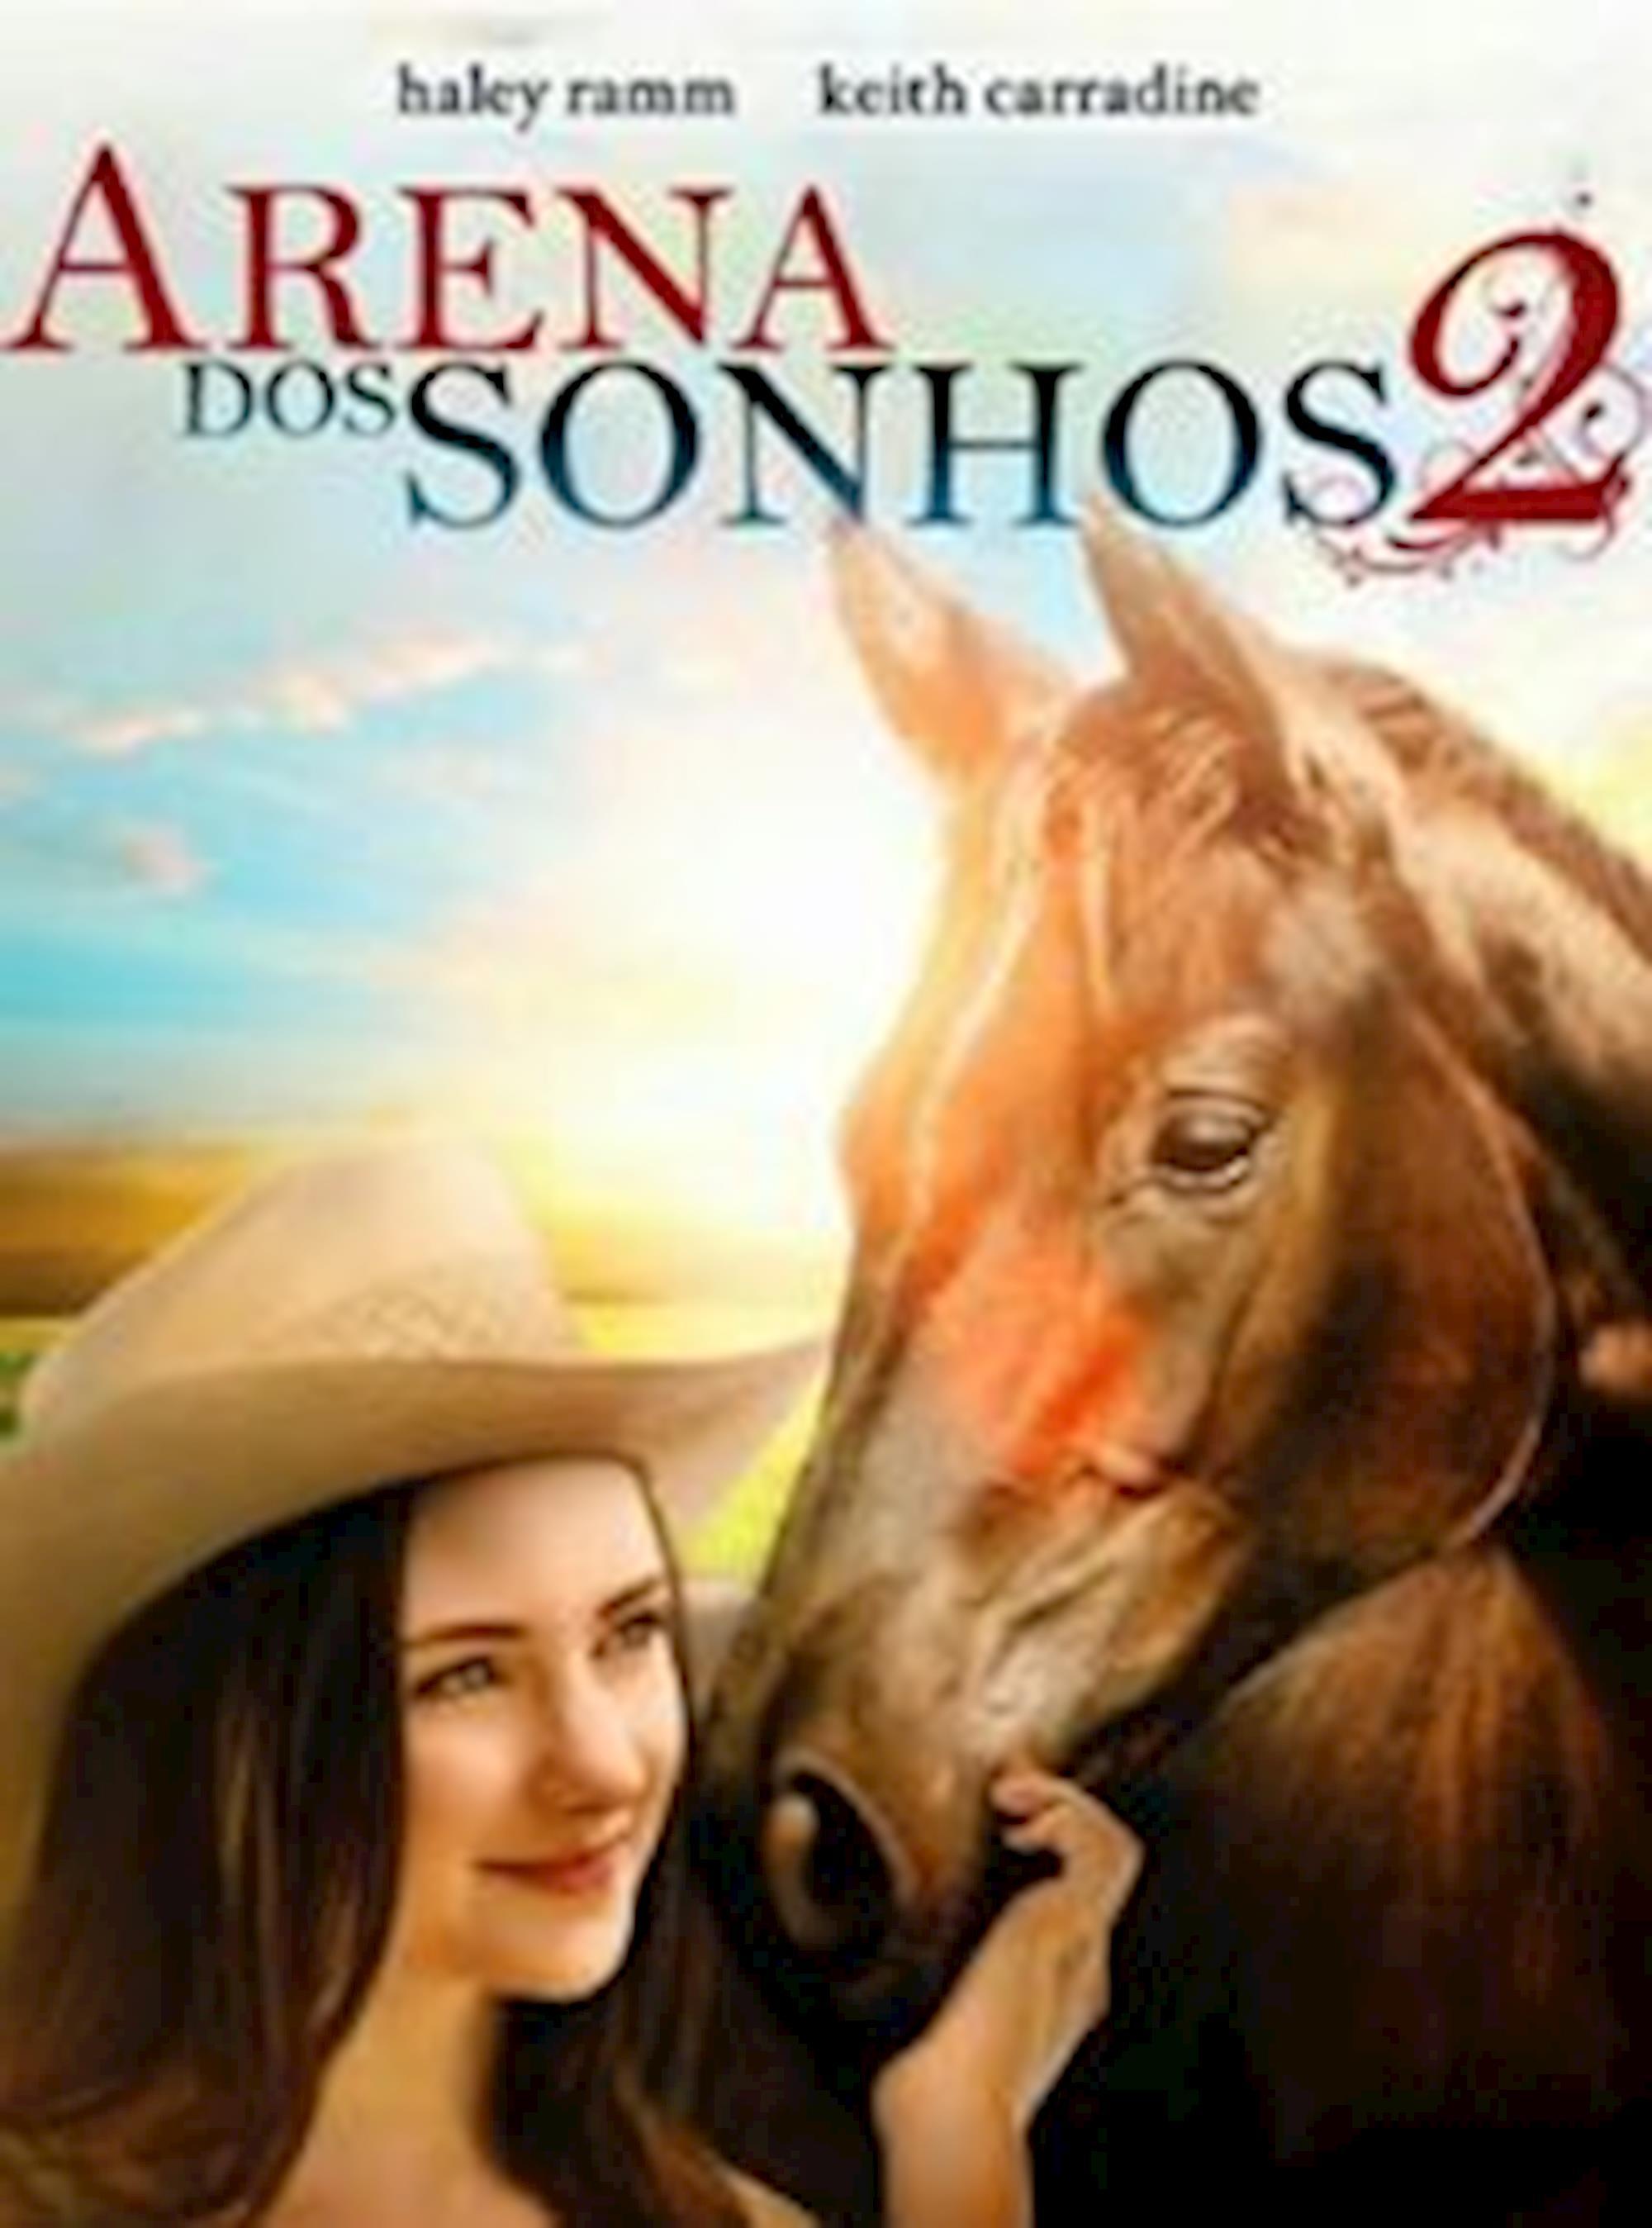 filmes de cavalos,dicas de filmes, Arena dos Sonhos 2,